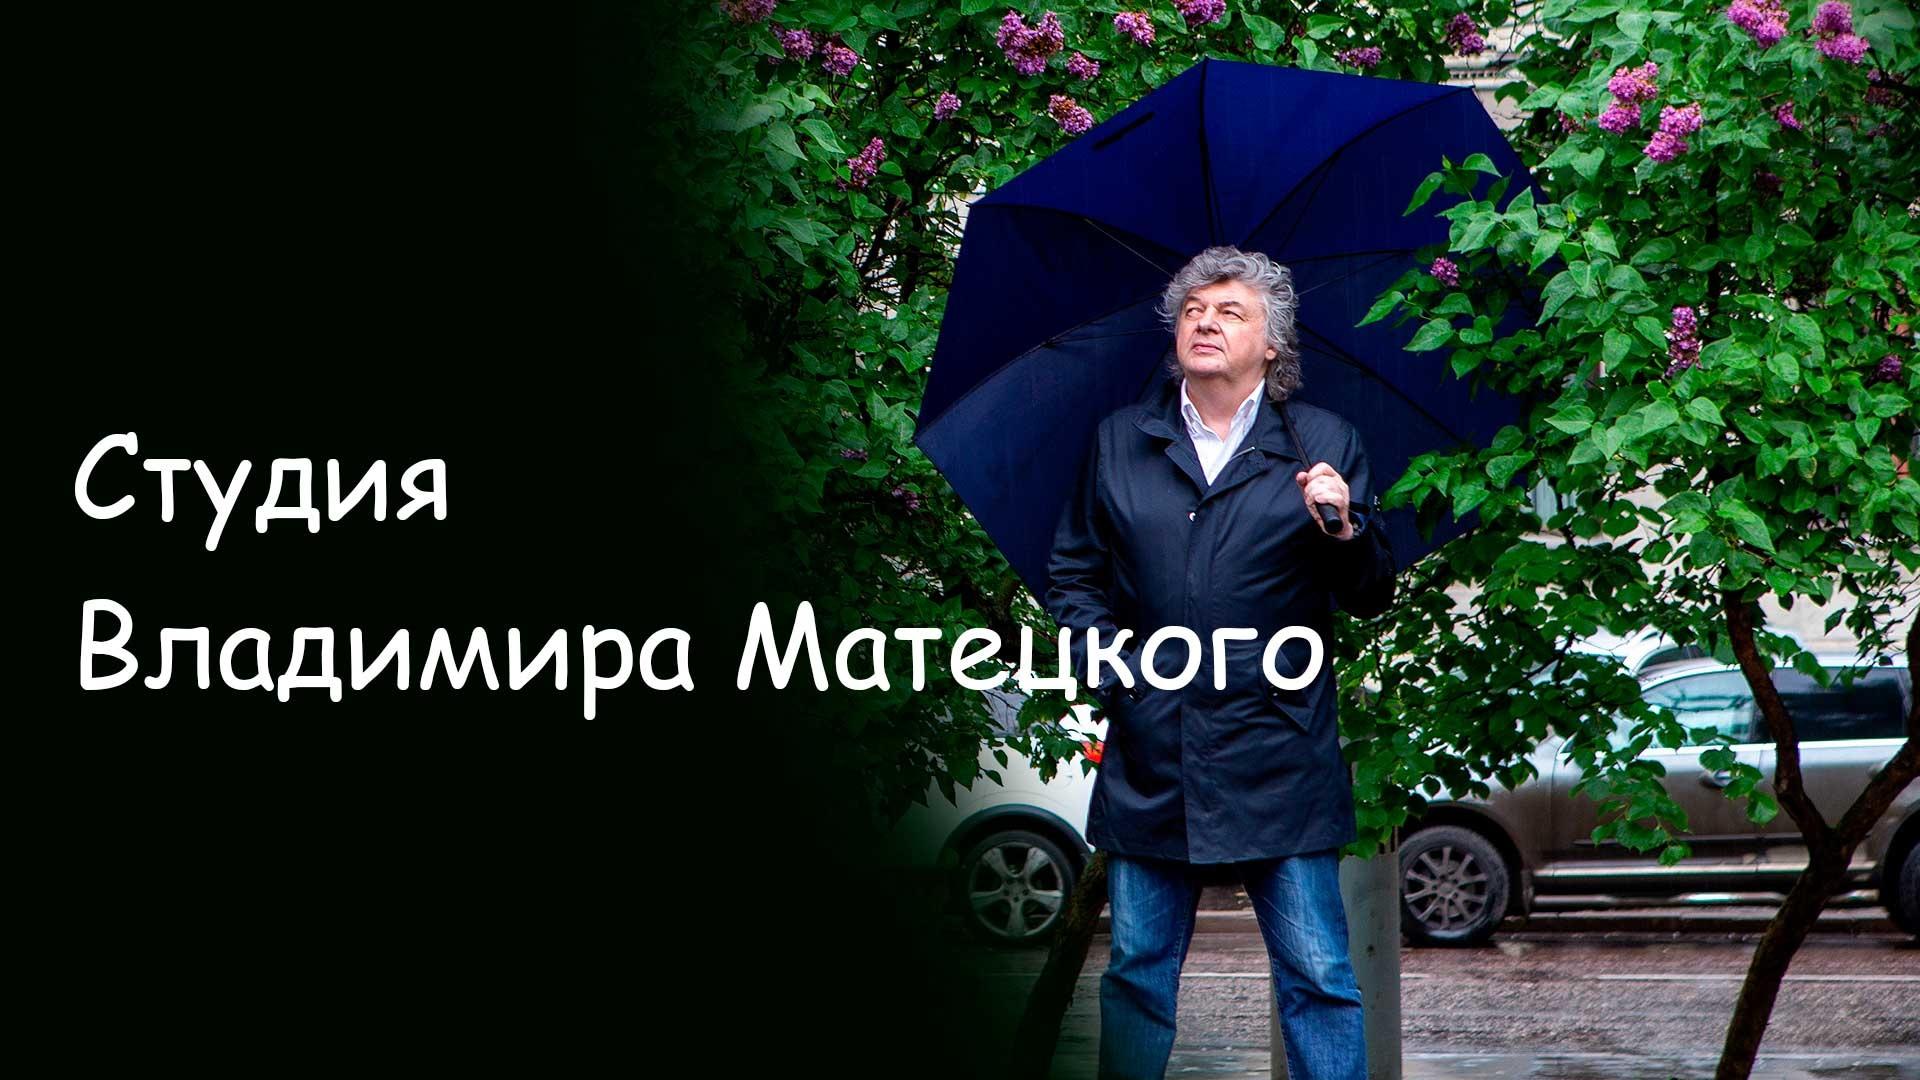 Студия Владимира Матецкого